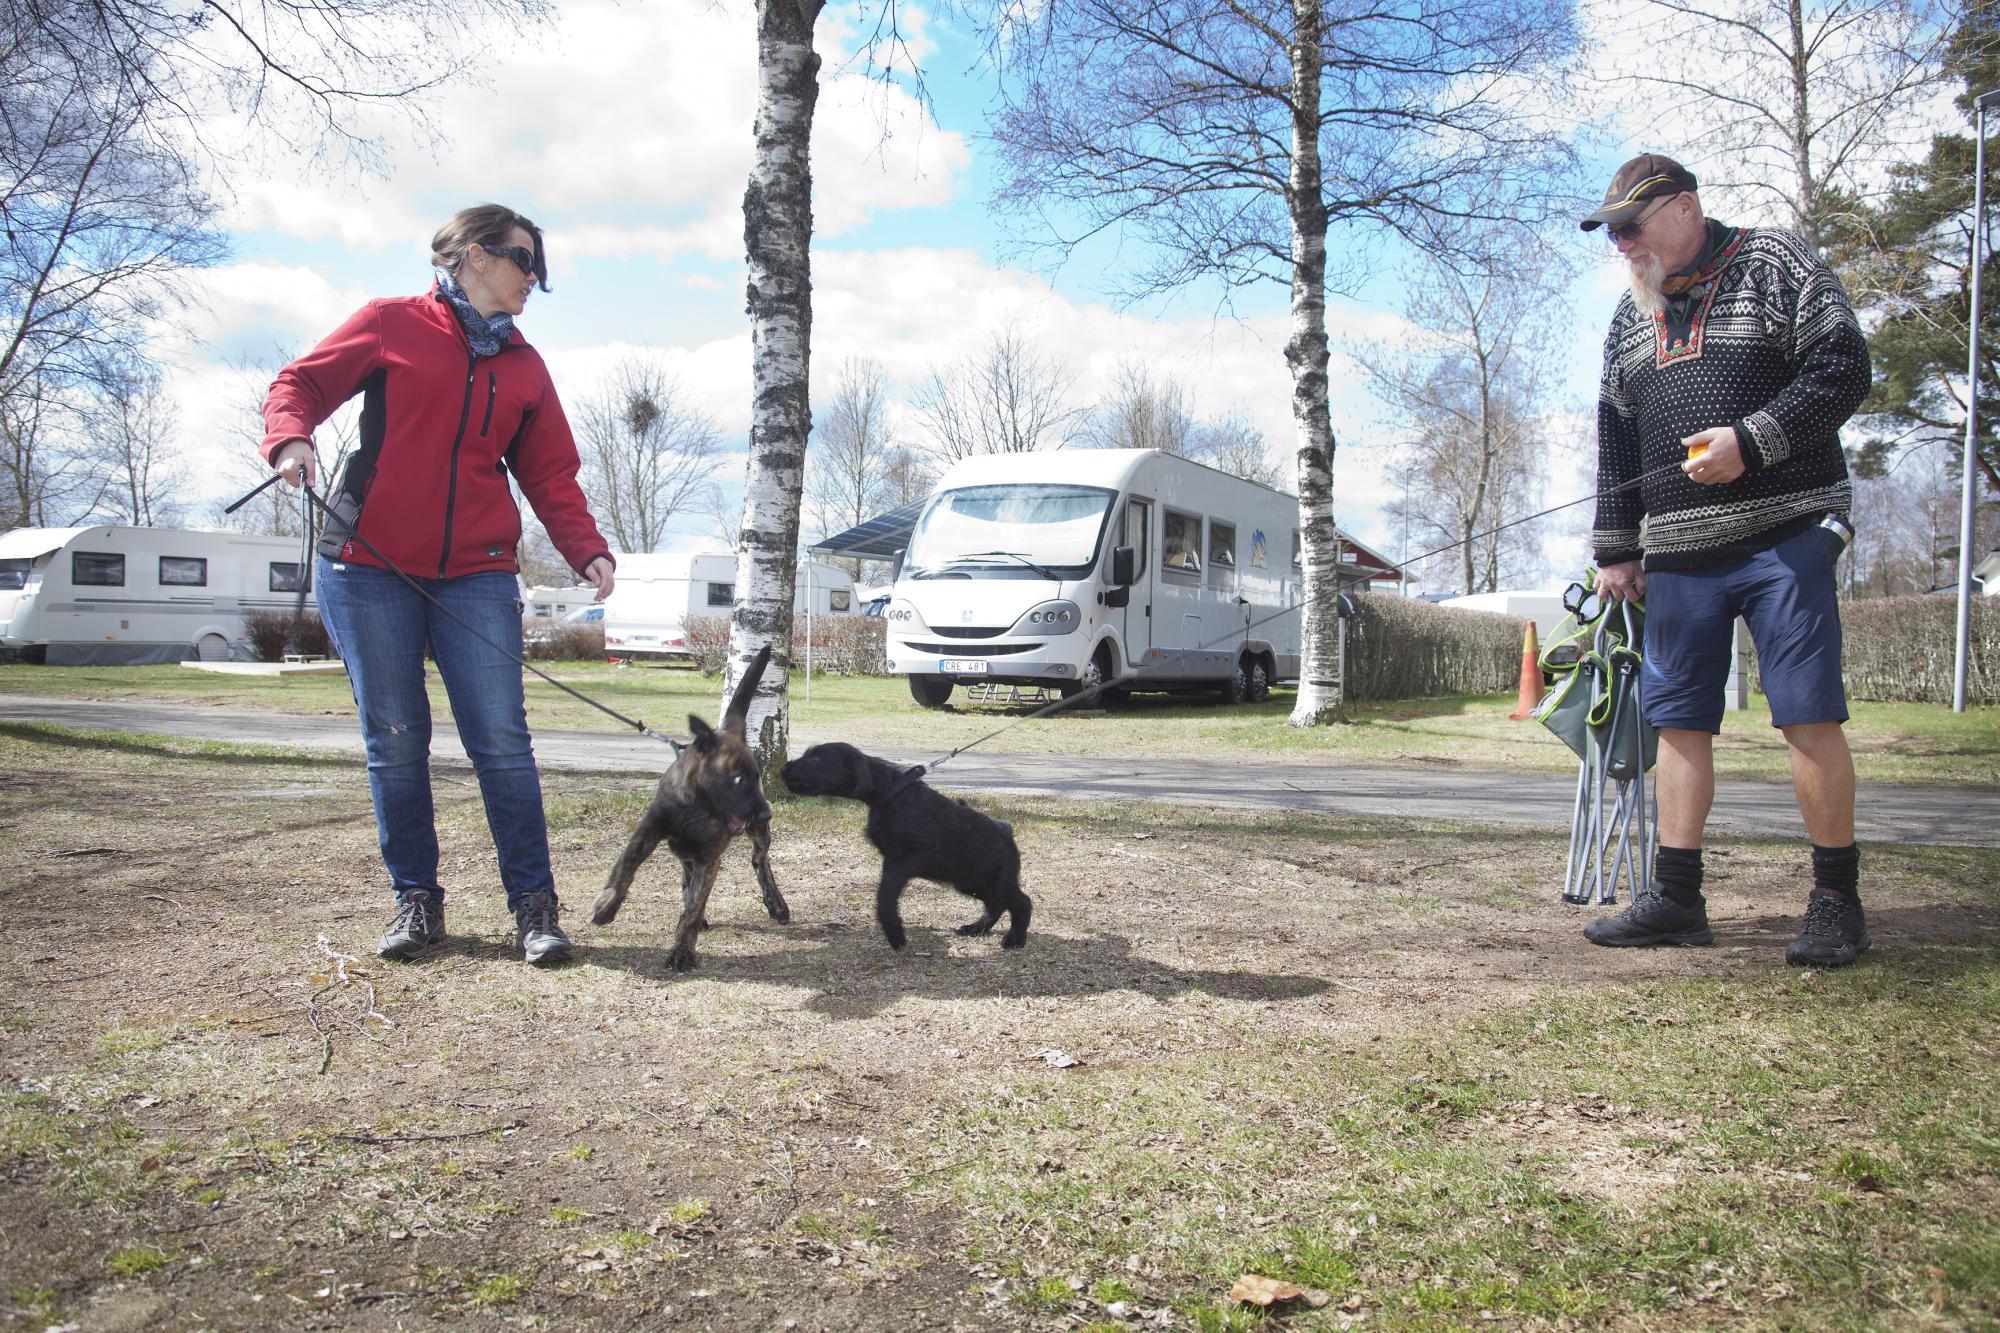 Silje Slagnes och Torgeir Rui. De har åkt från Trondheim till Tånga Hed över dagen för att hämta en valp av en svensk uppfödare.